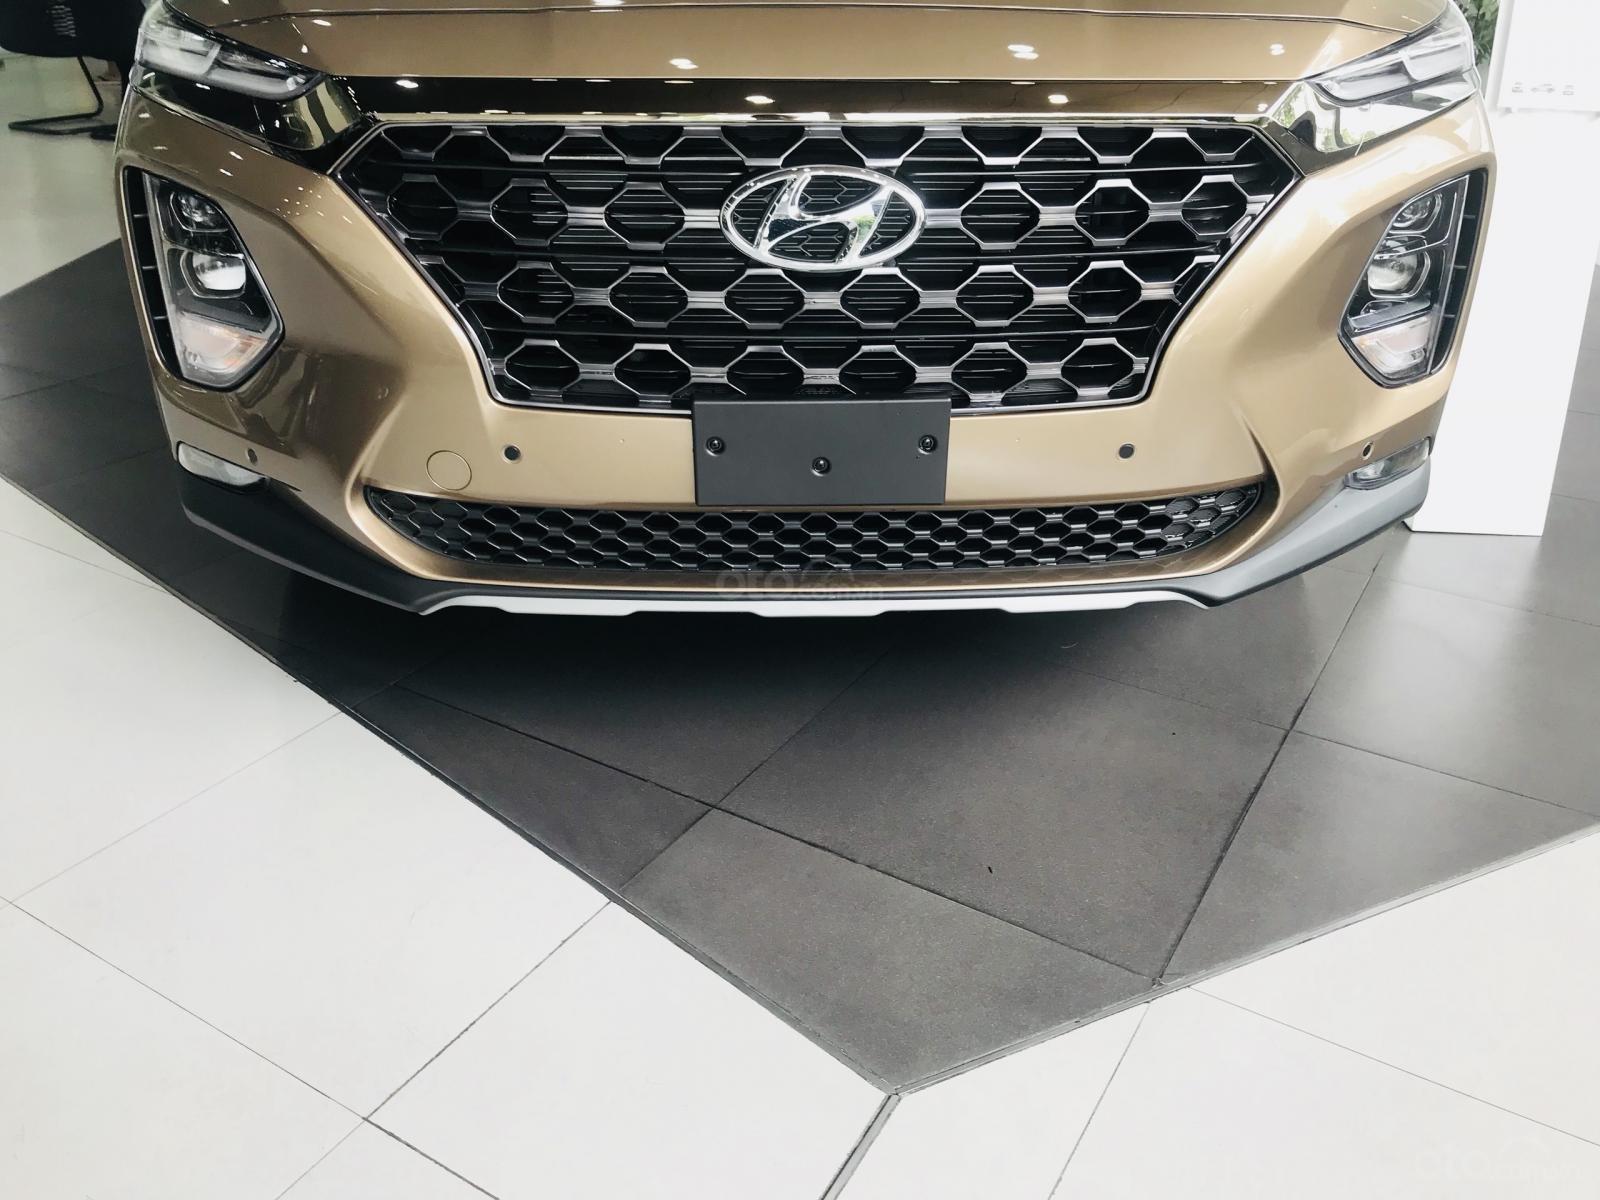 Giao xe ngay - Siêu khuyến mãi lớn 20 triệu tiền mặt khi mua Hyundai Santafe 2019, hotline: 0974 064 605 (6)